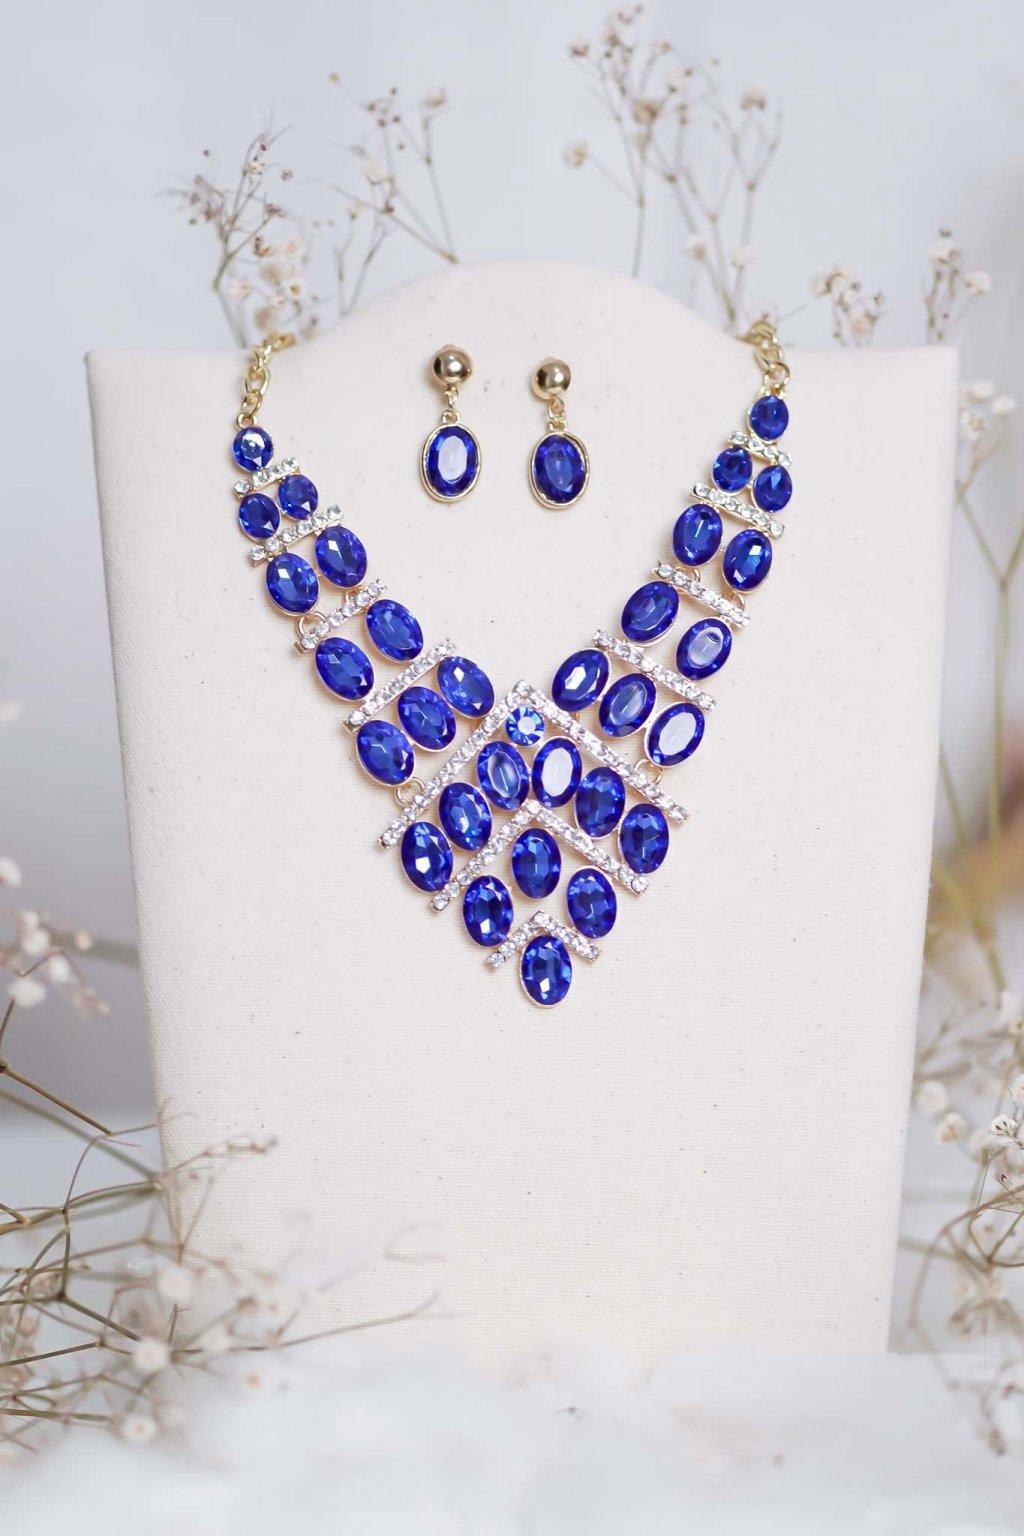 náhrdelník, spoločenský, bežný deň, kamienkový, farebný, čierny, strieborný, zelený, cyklamenévy, náhrdelník, bižuteria, šperk, šperky, ples, stužková, svadba, 067